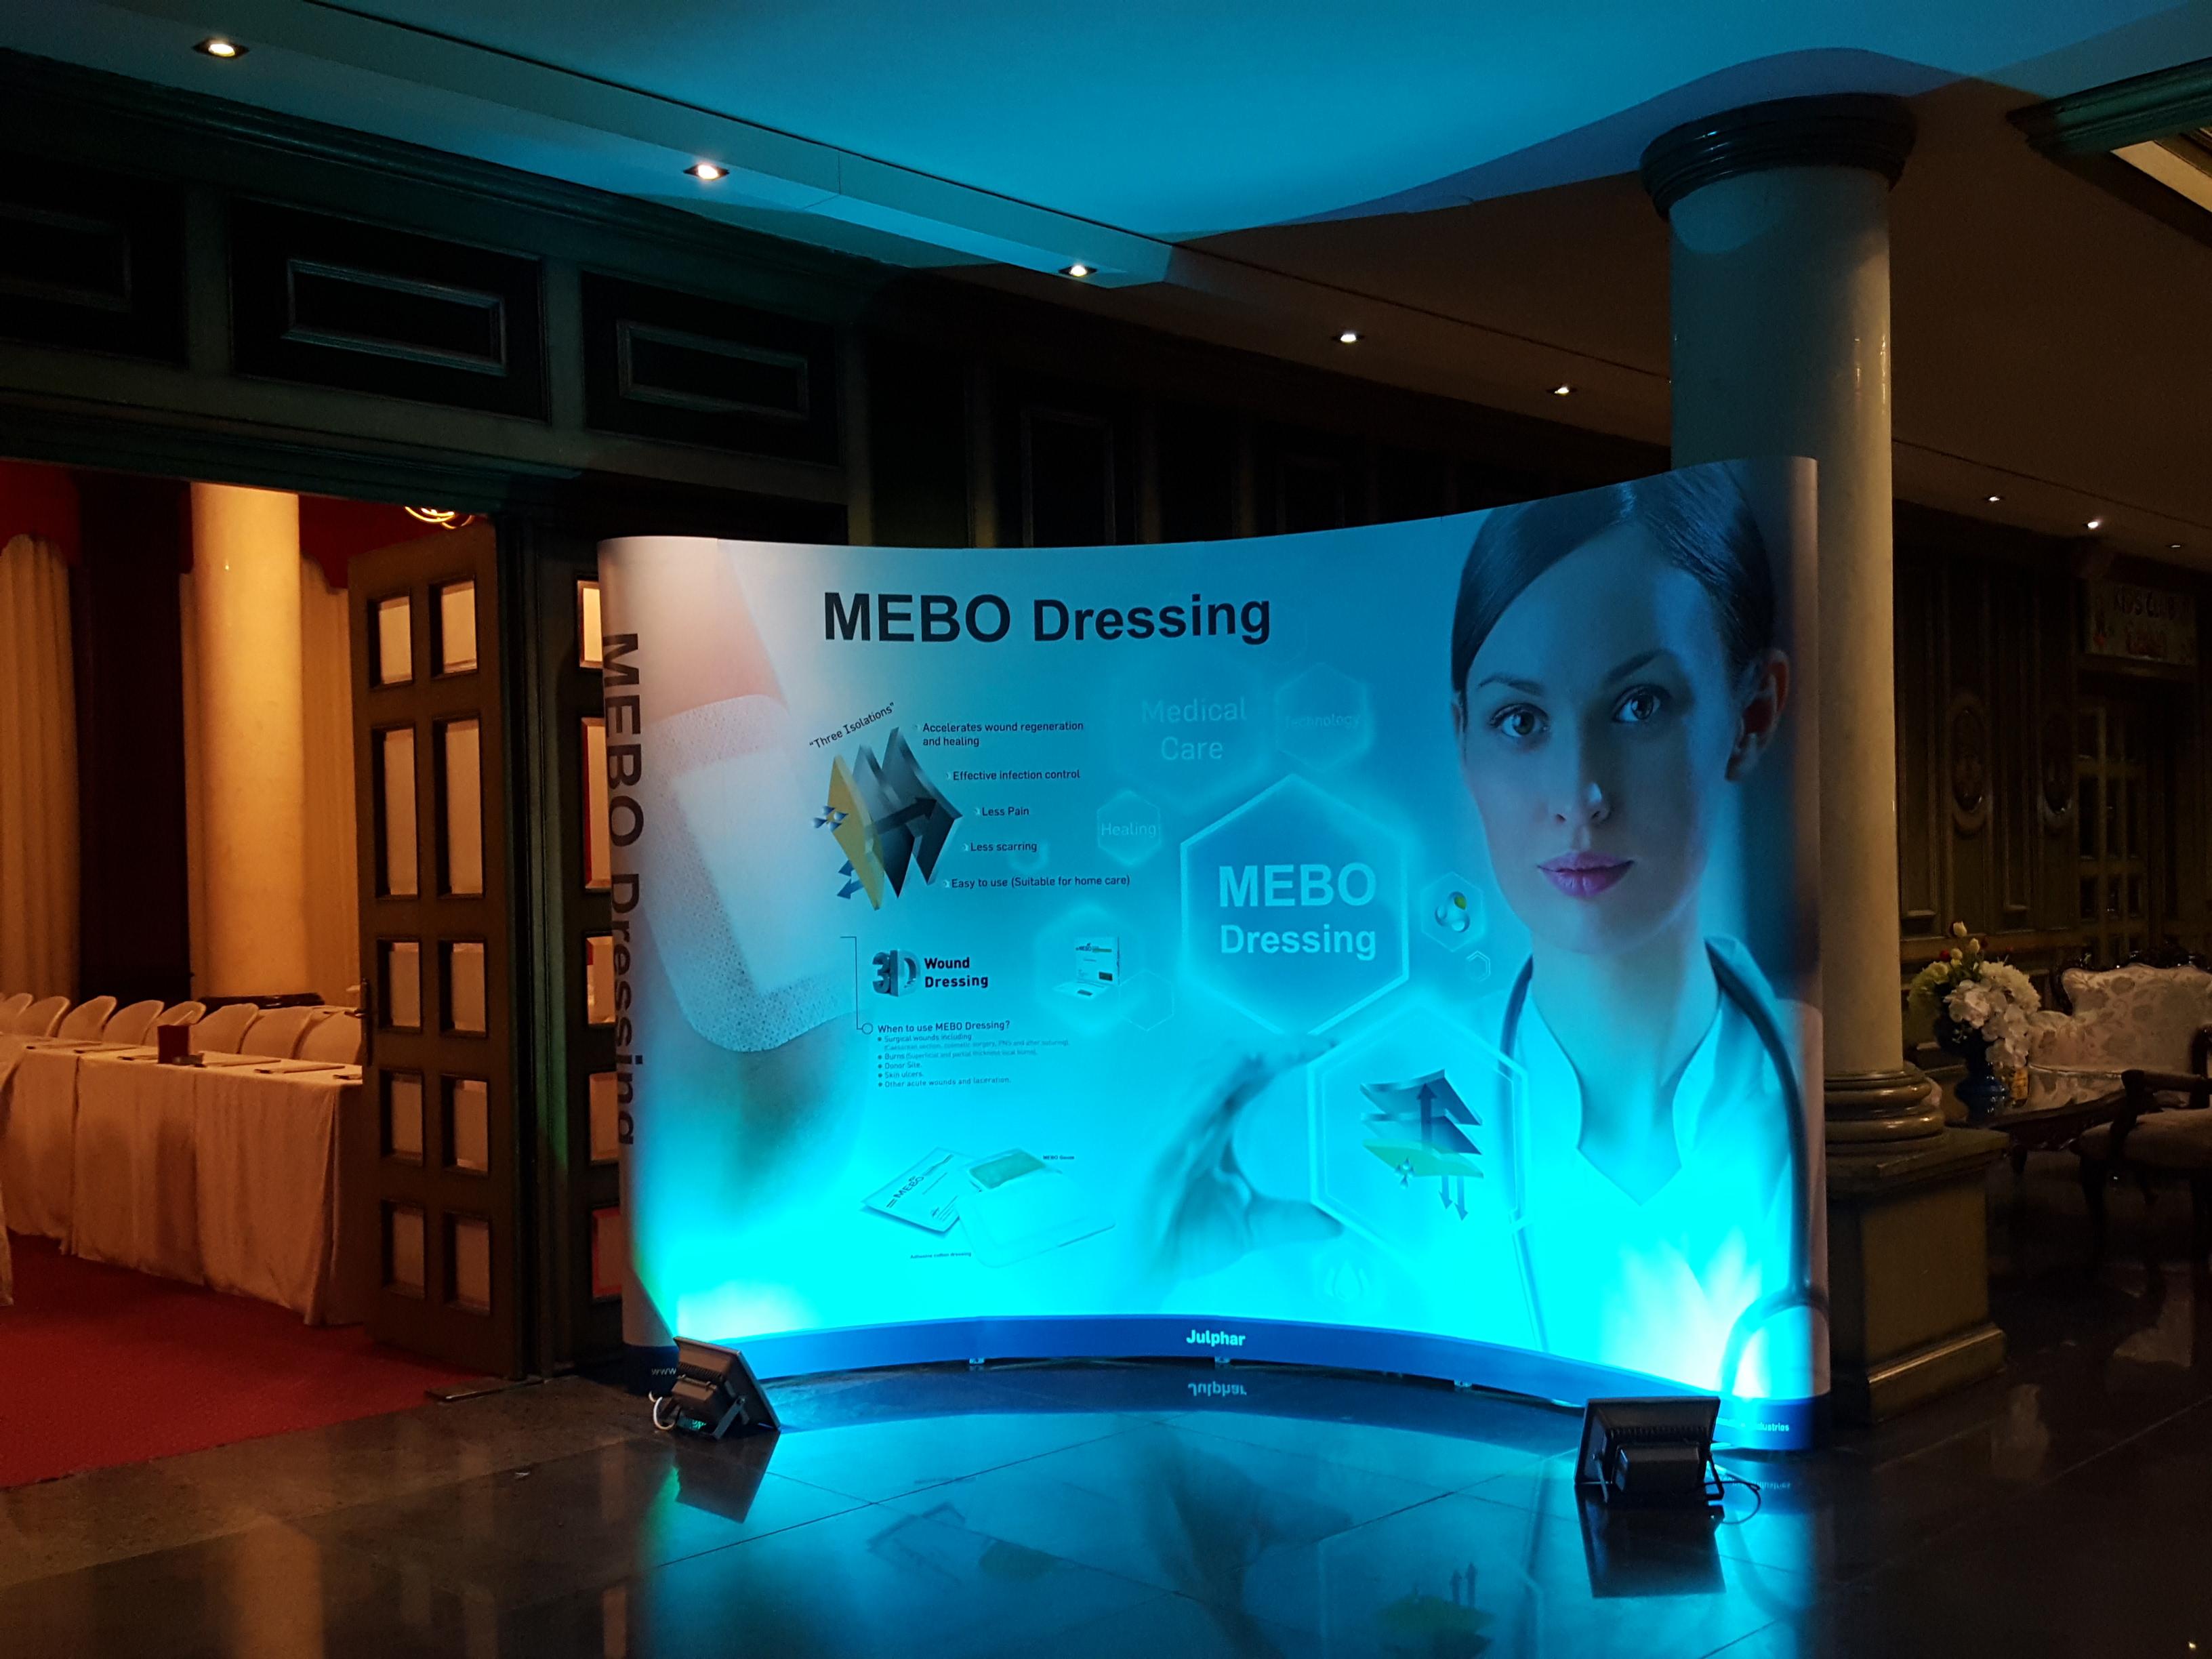 Julphar launches MEBO Dressing in Lebanon